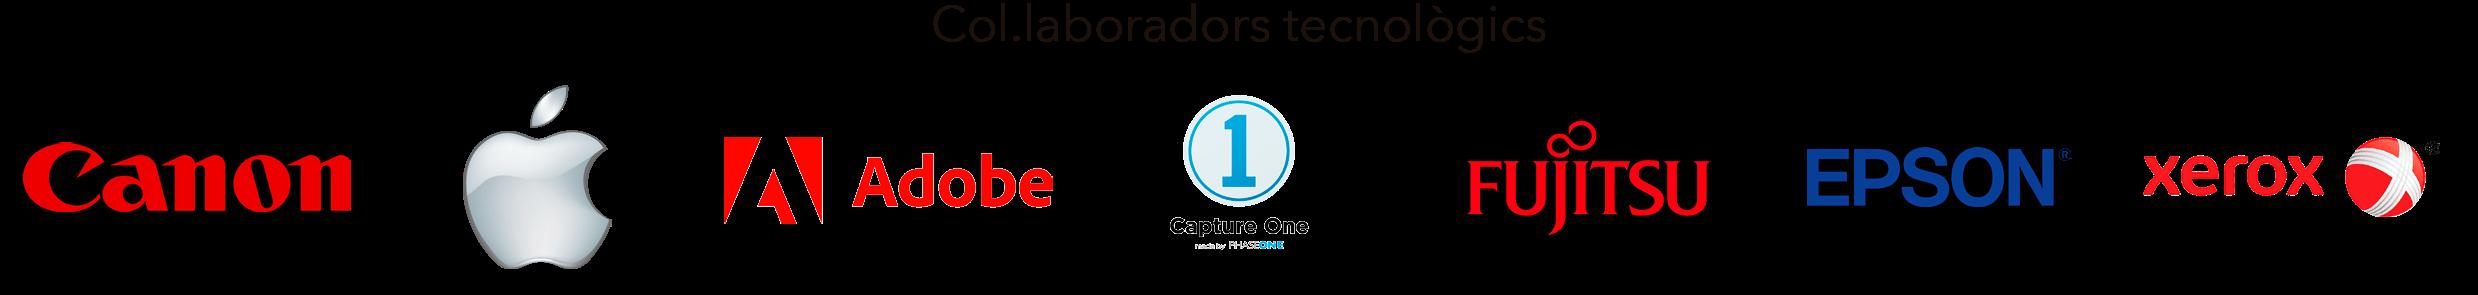 Banner Colaboradores Tecnológicos